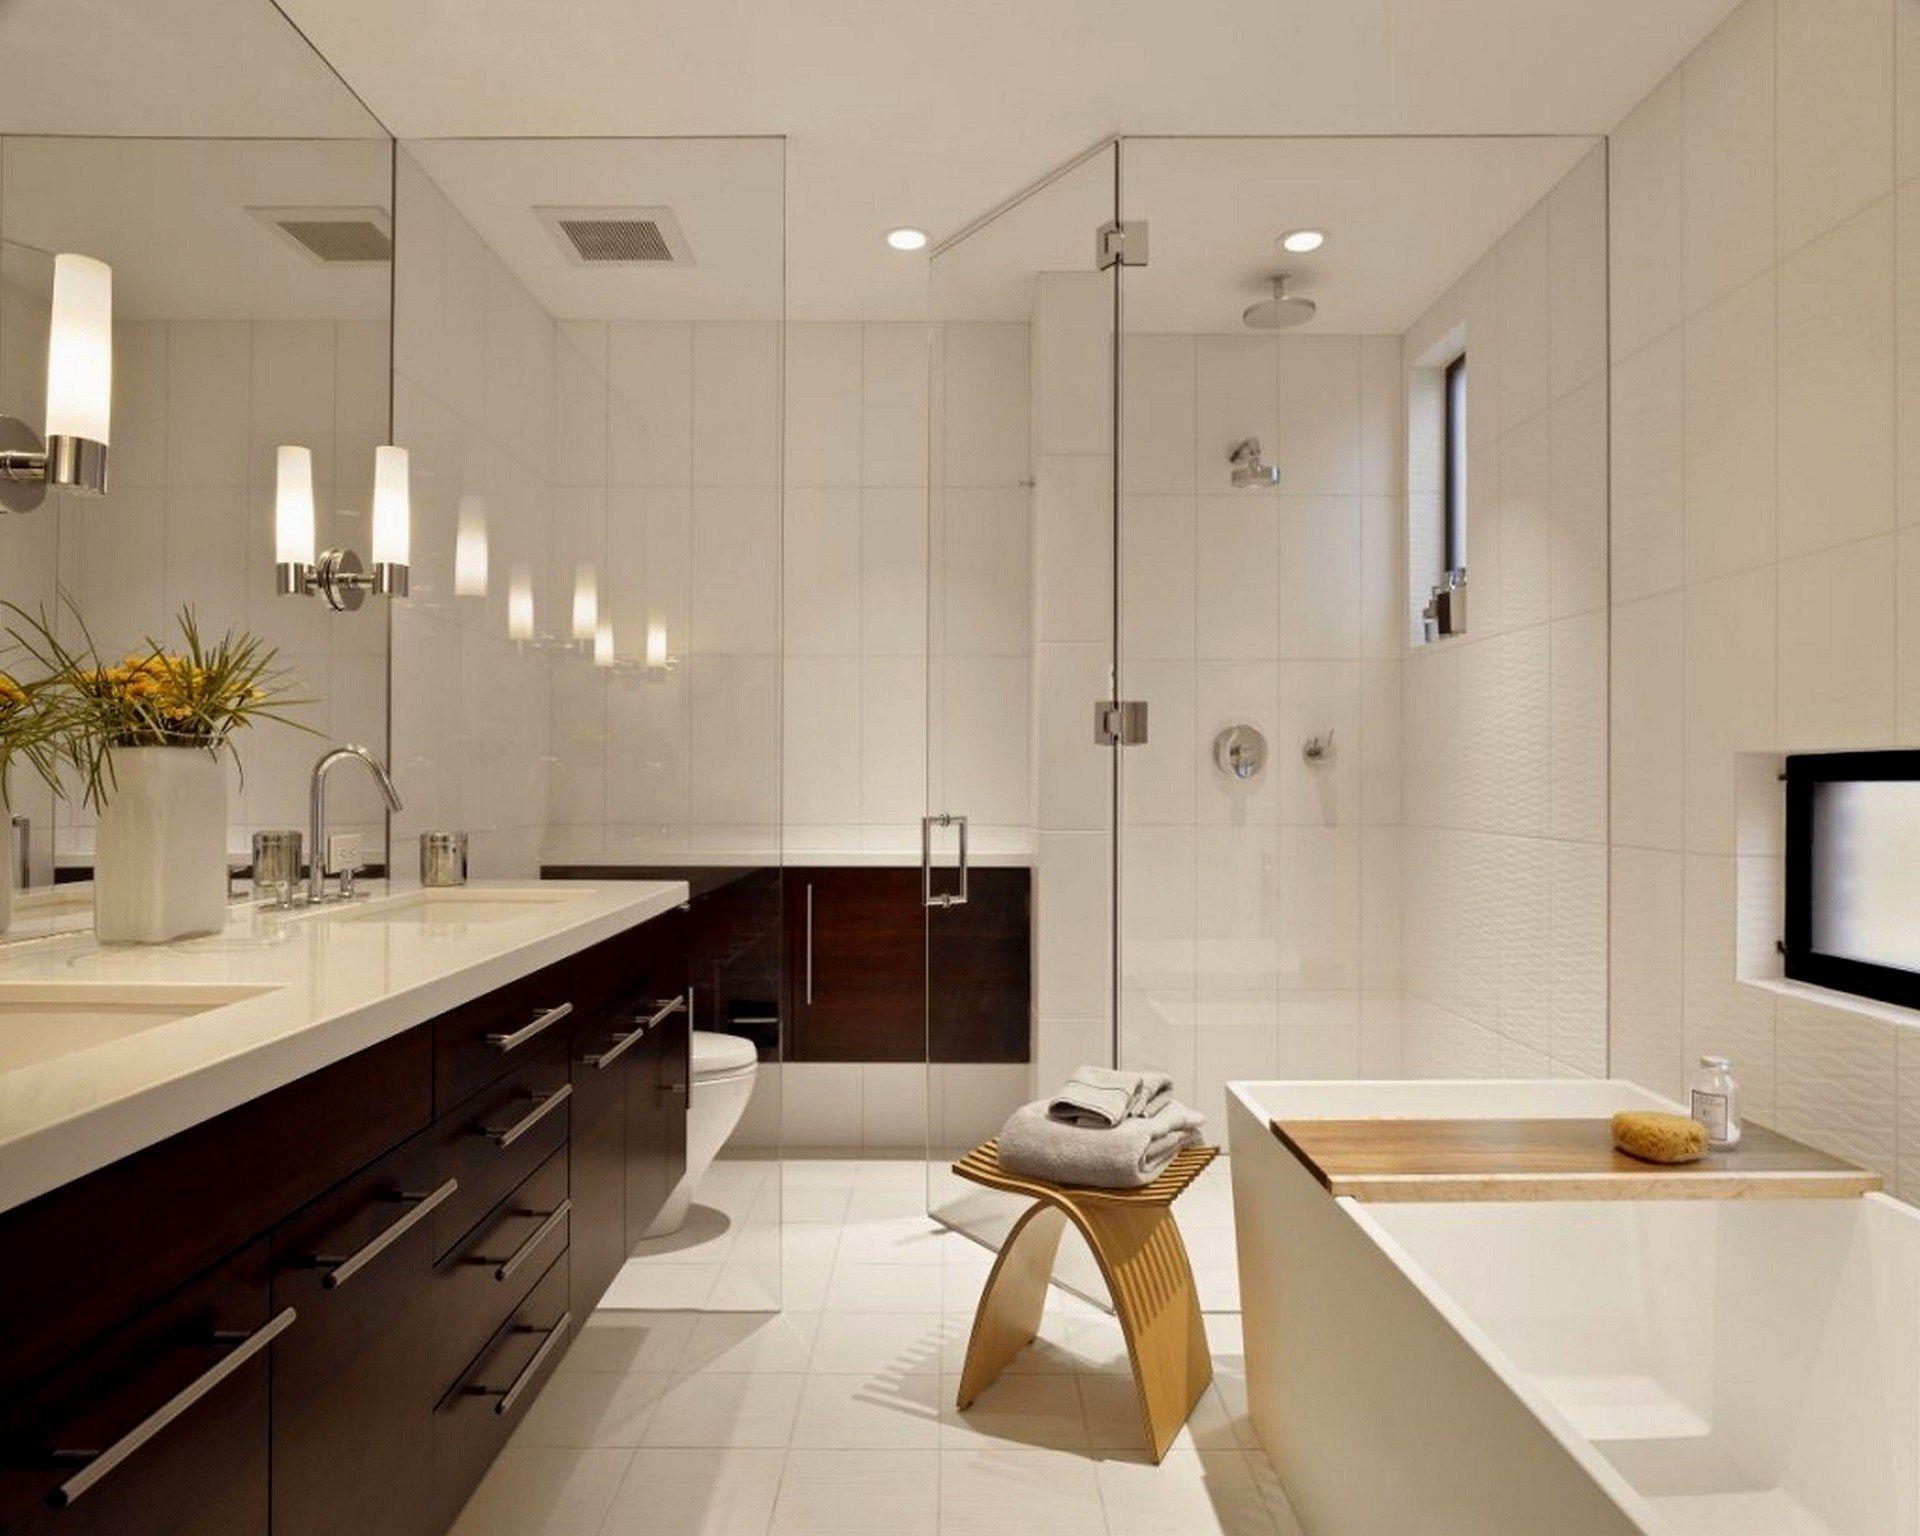 best of 36 bathroom vanity pattern-Awesome 36 Bathroom Vanity Wallpaper